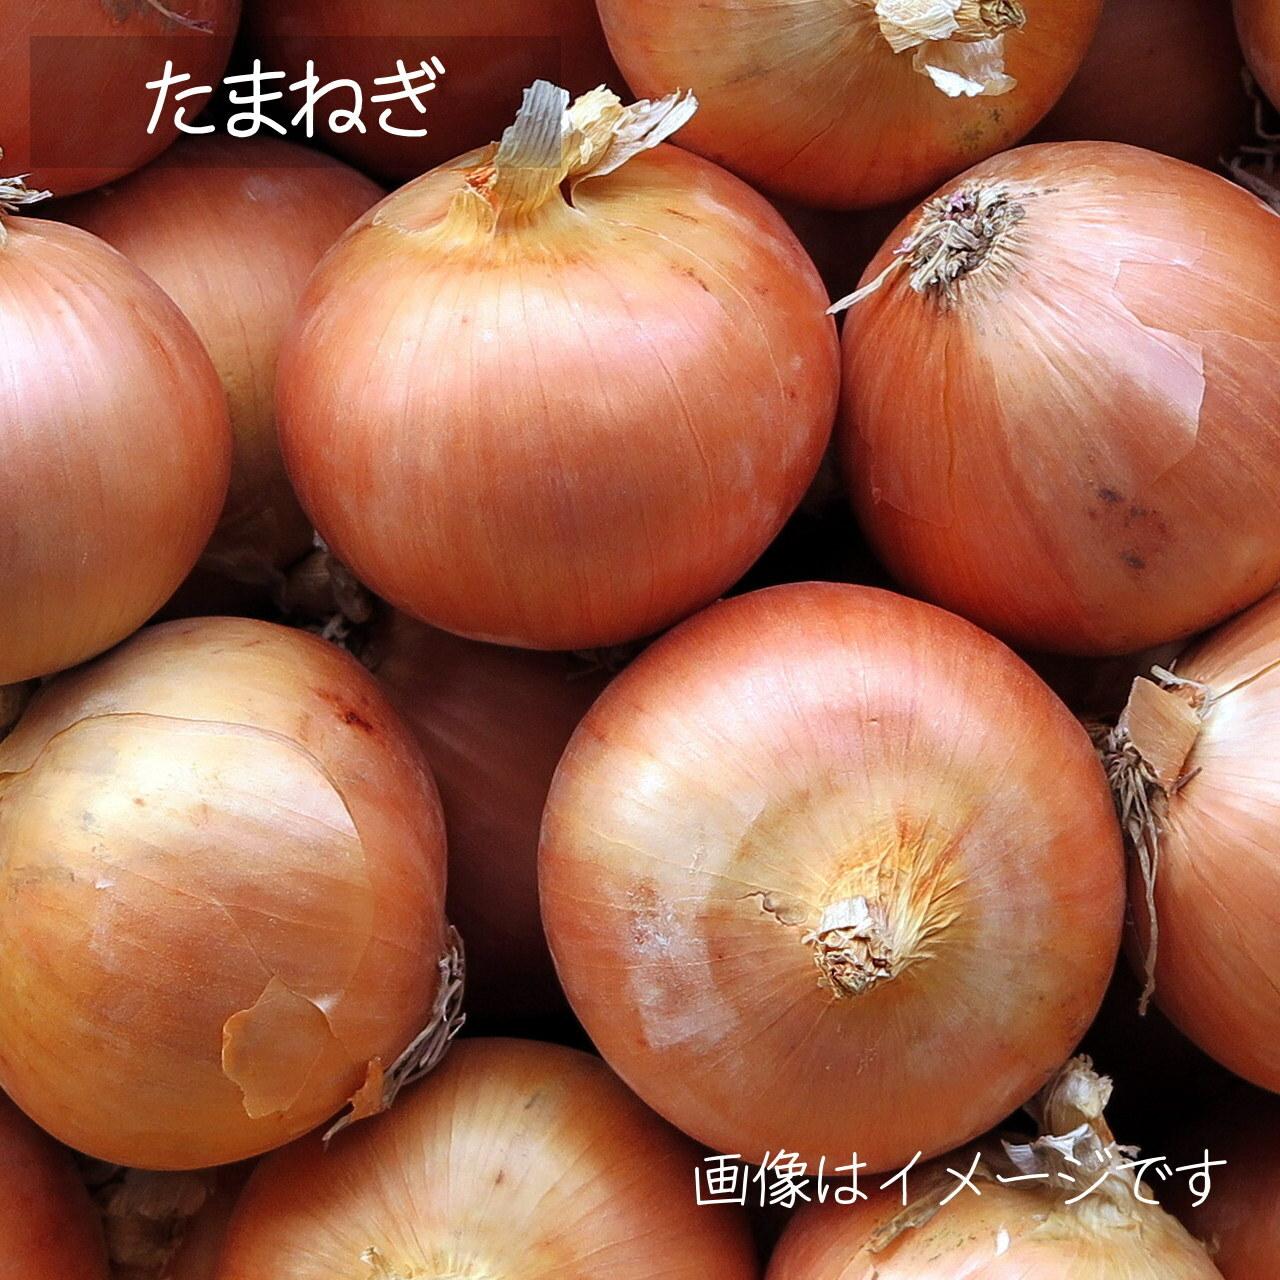 7月の新鮮な夏野菜 : たまねぎ 約3~4個  朝採り直売野菜 7月20日発送予定